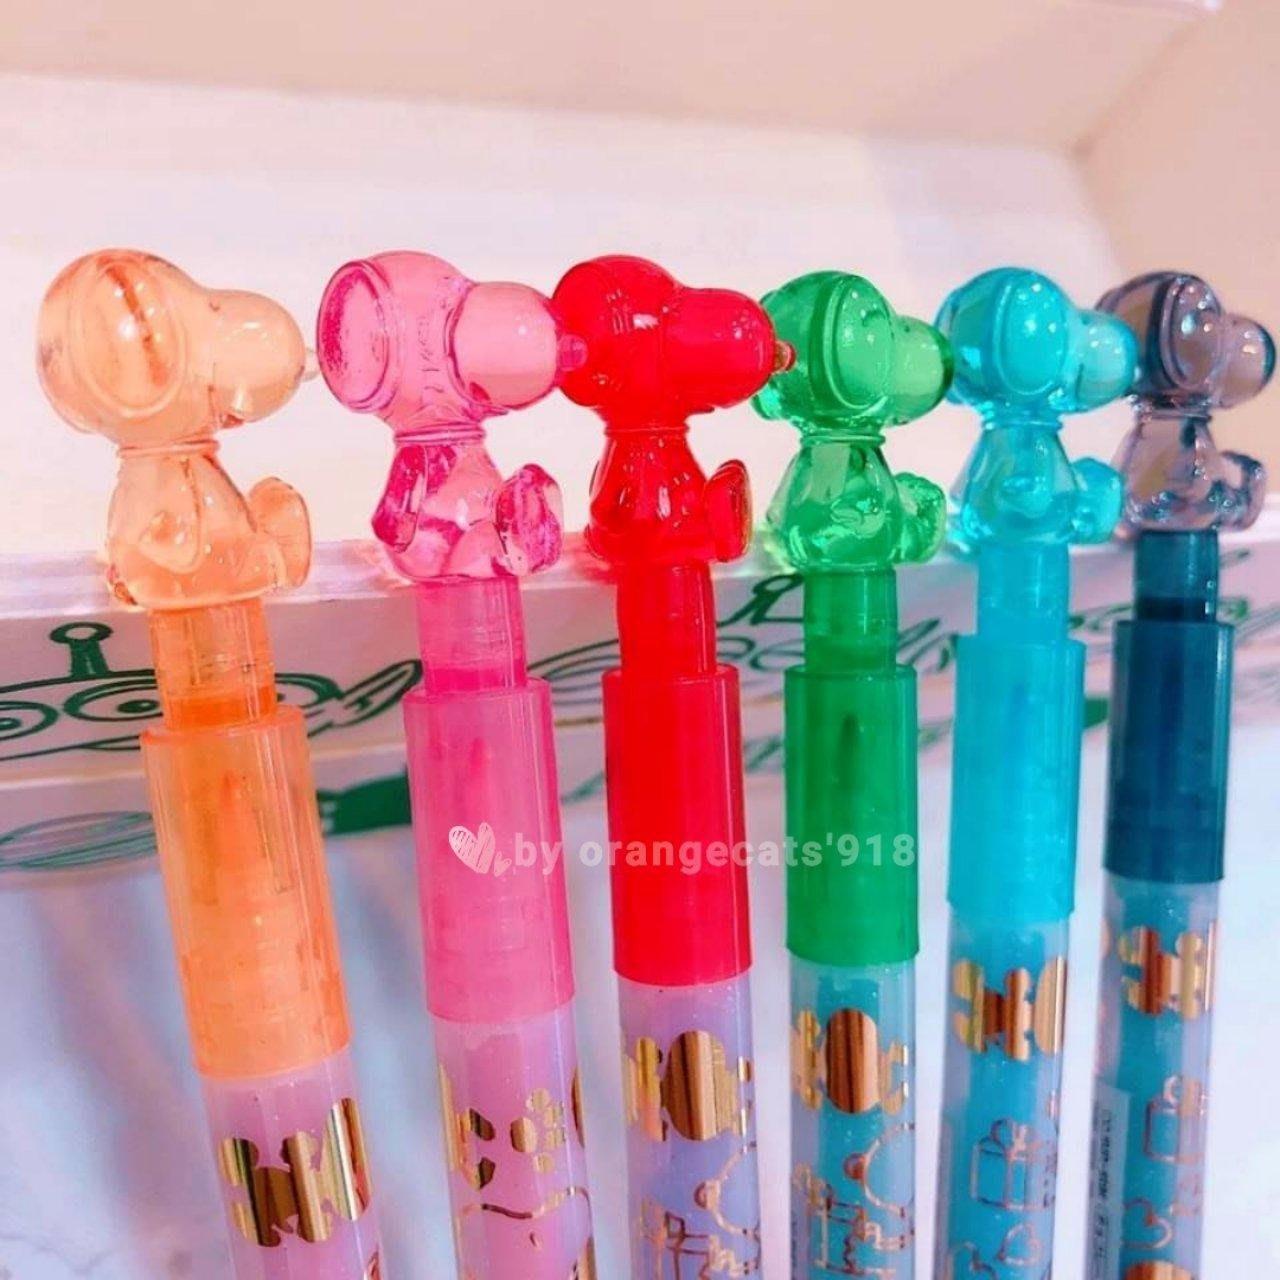 ☆橘子貓的918号店☆ 現貨 日本製 立體造型筆蓋 snoopy 史努比 雙頭(細/粗) 有色 簽字筆